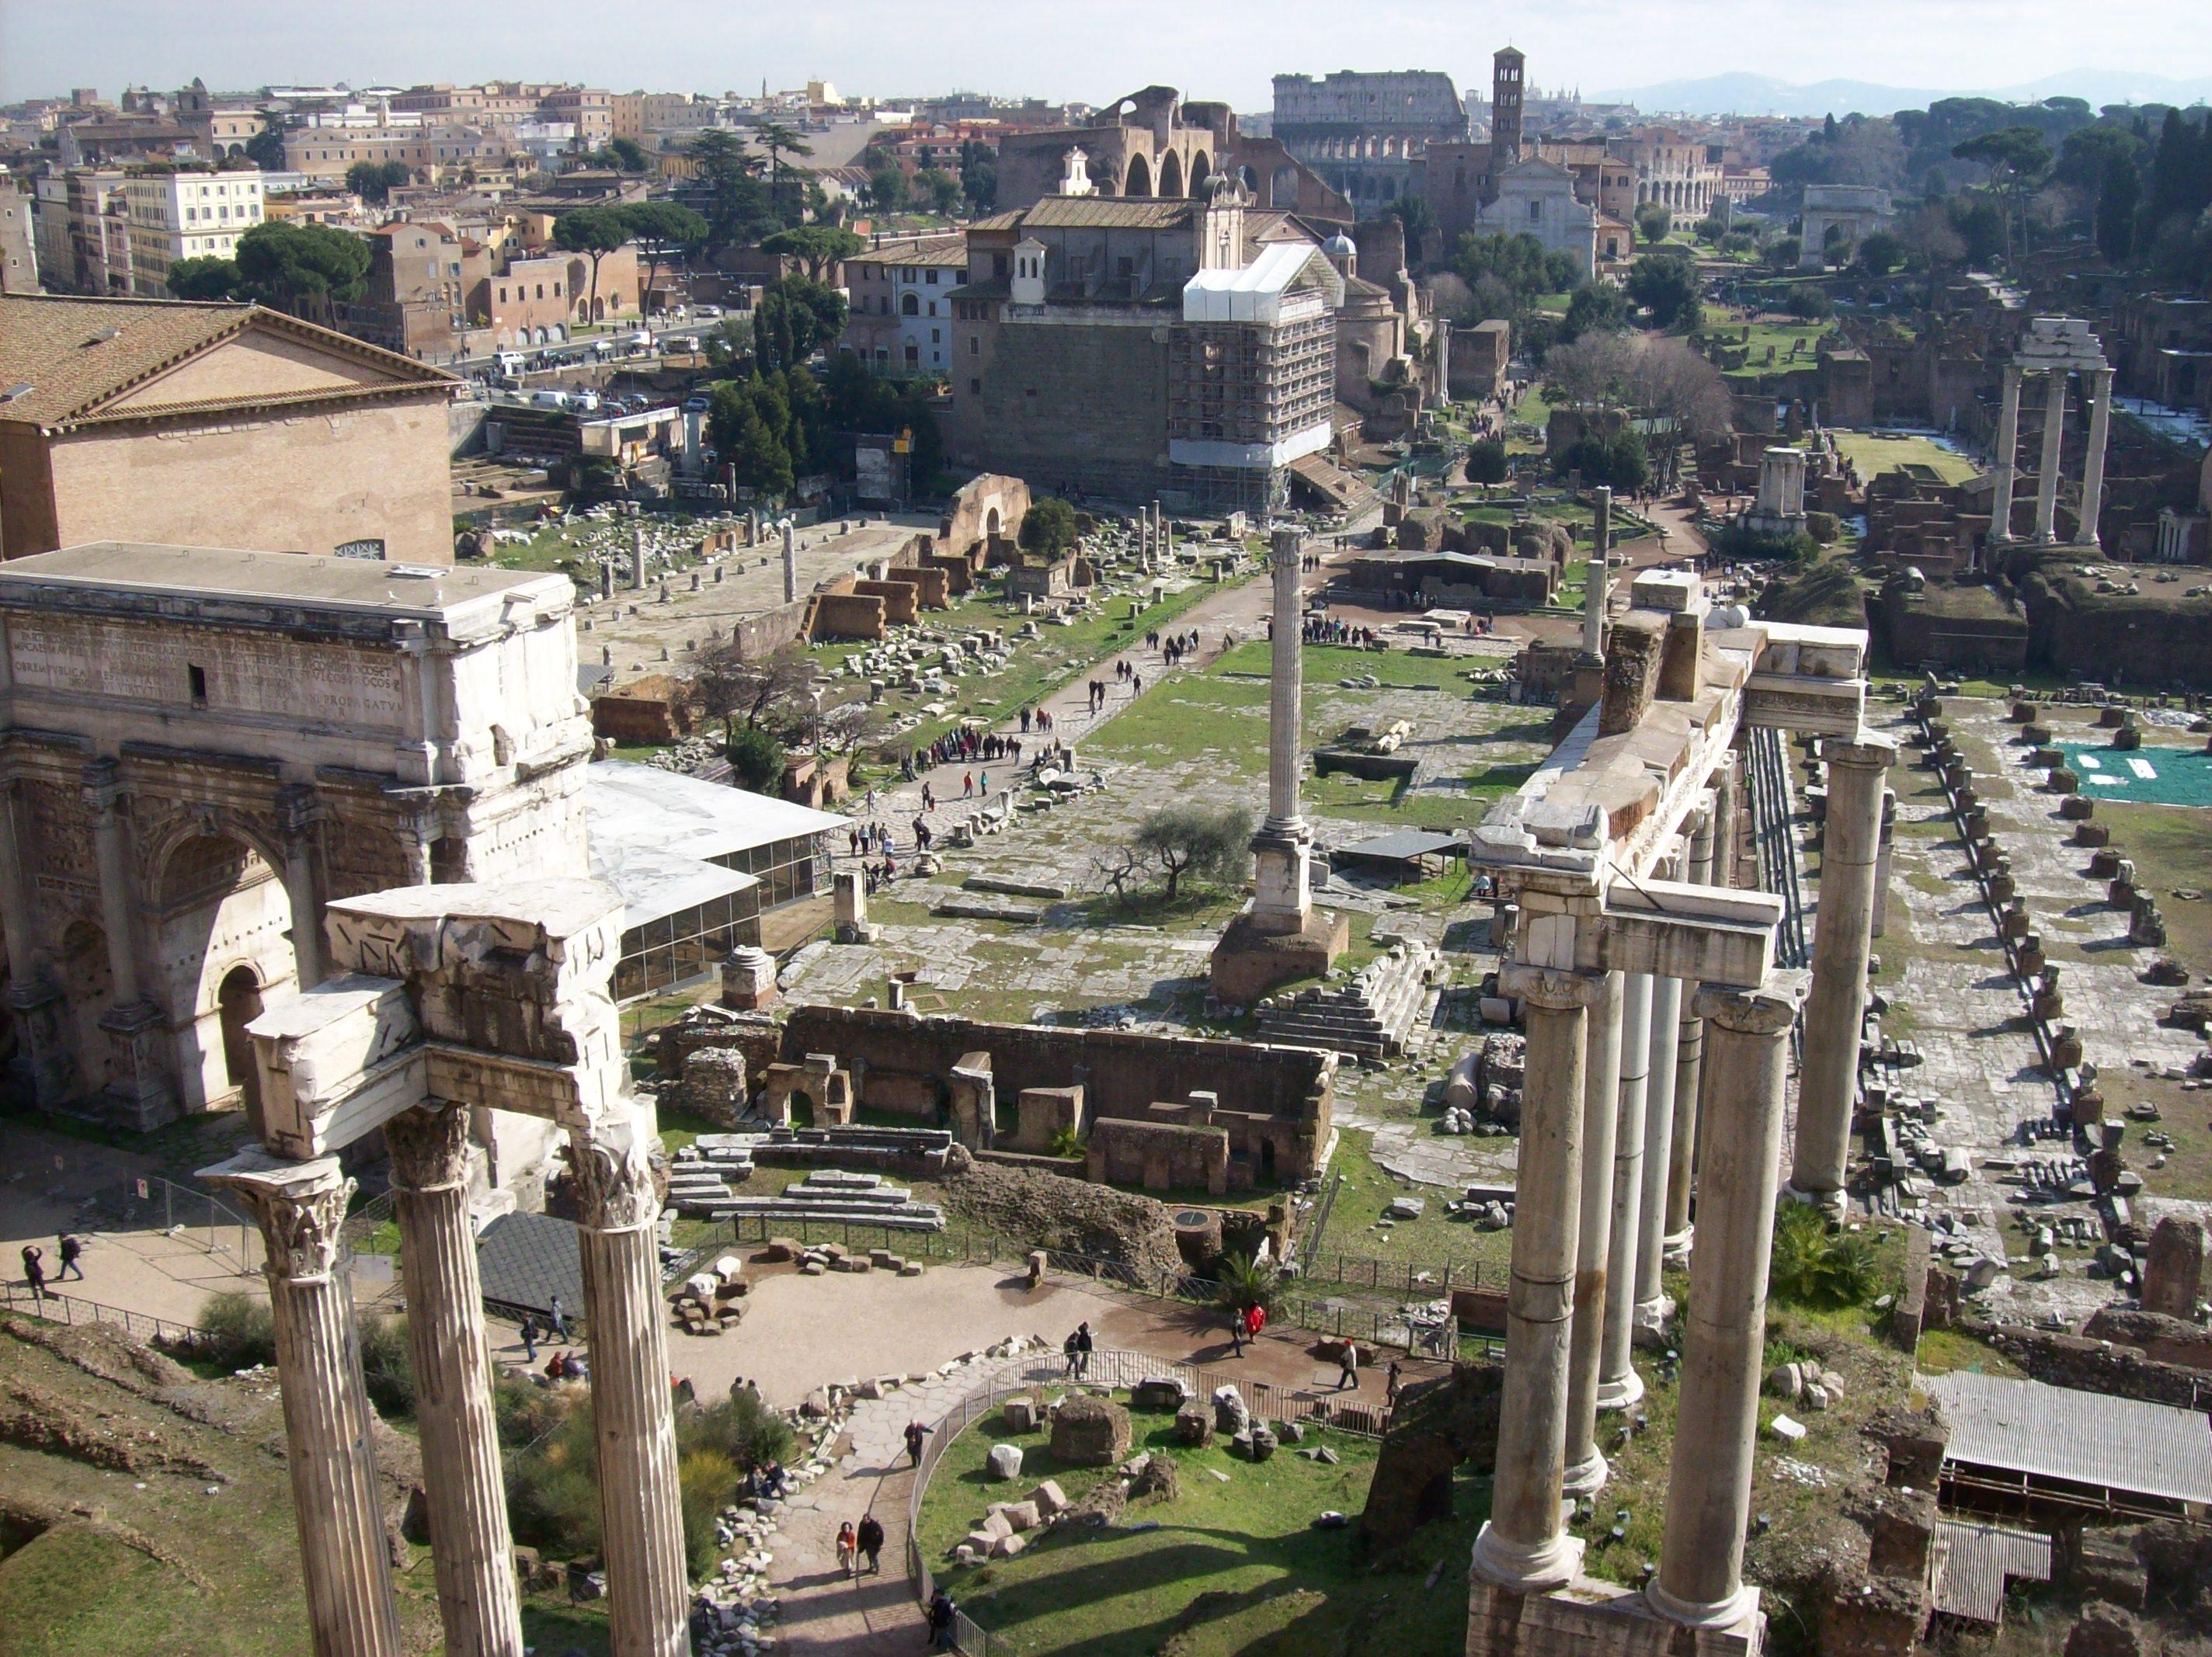 Un Moderno Foro Di Roma.Foro Urbanistica Wikipedia